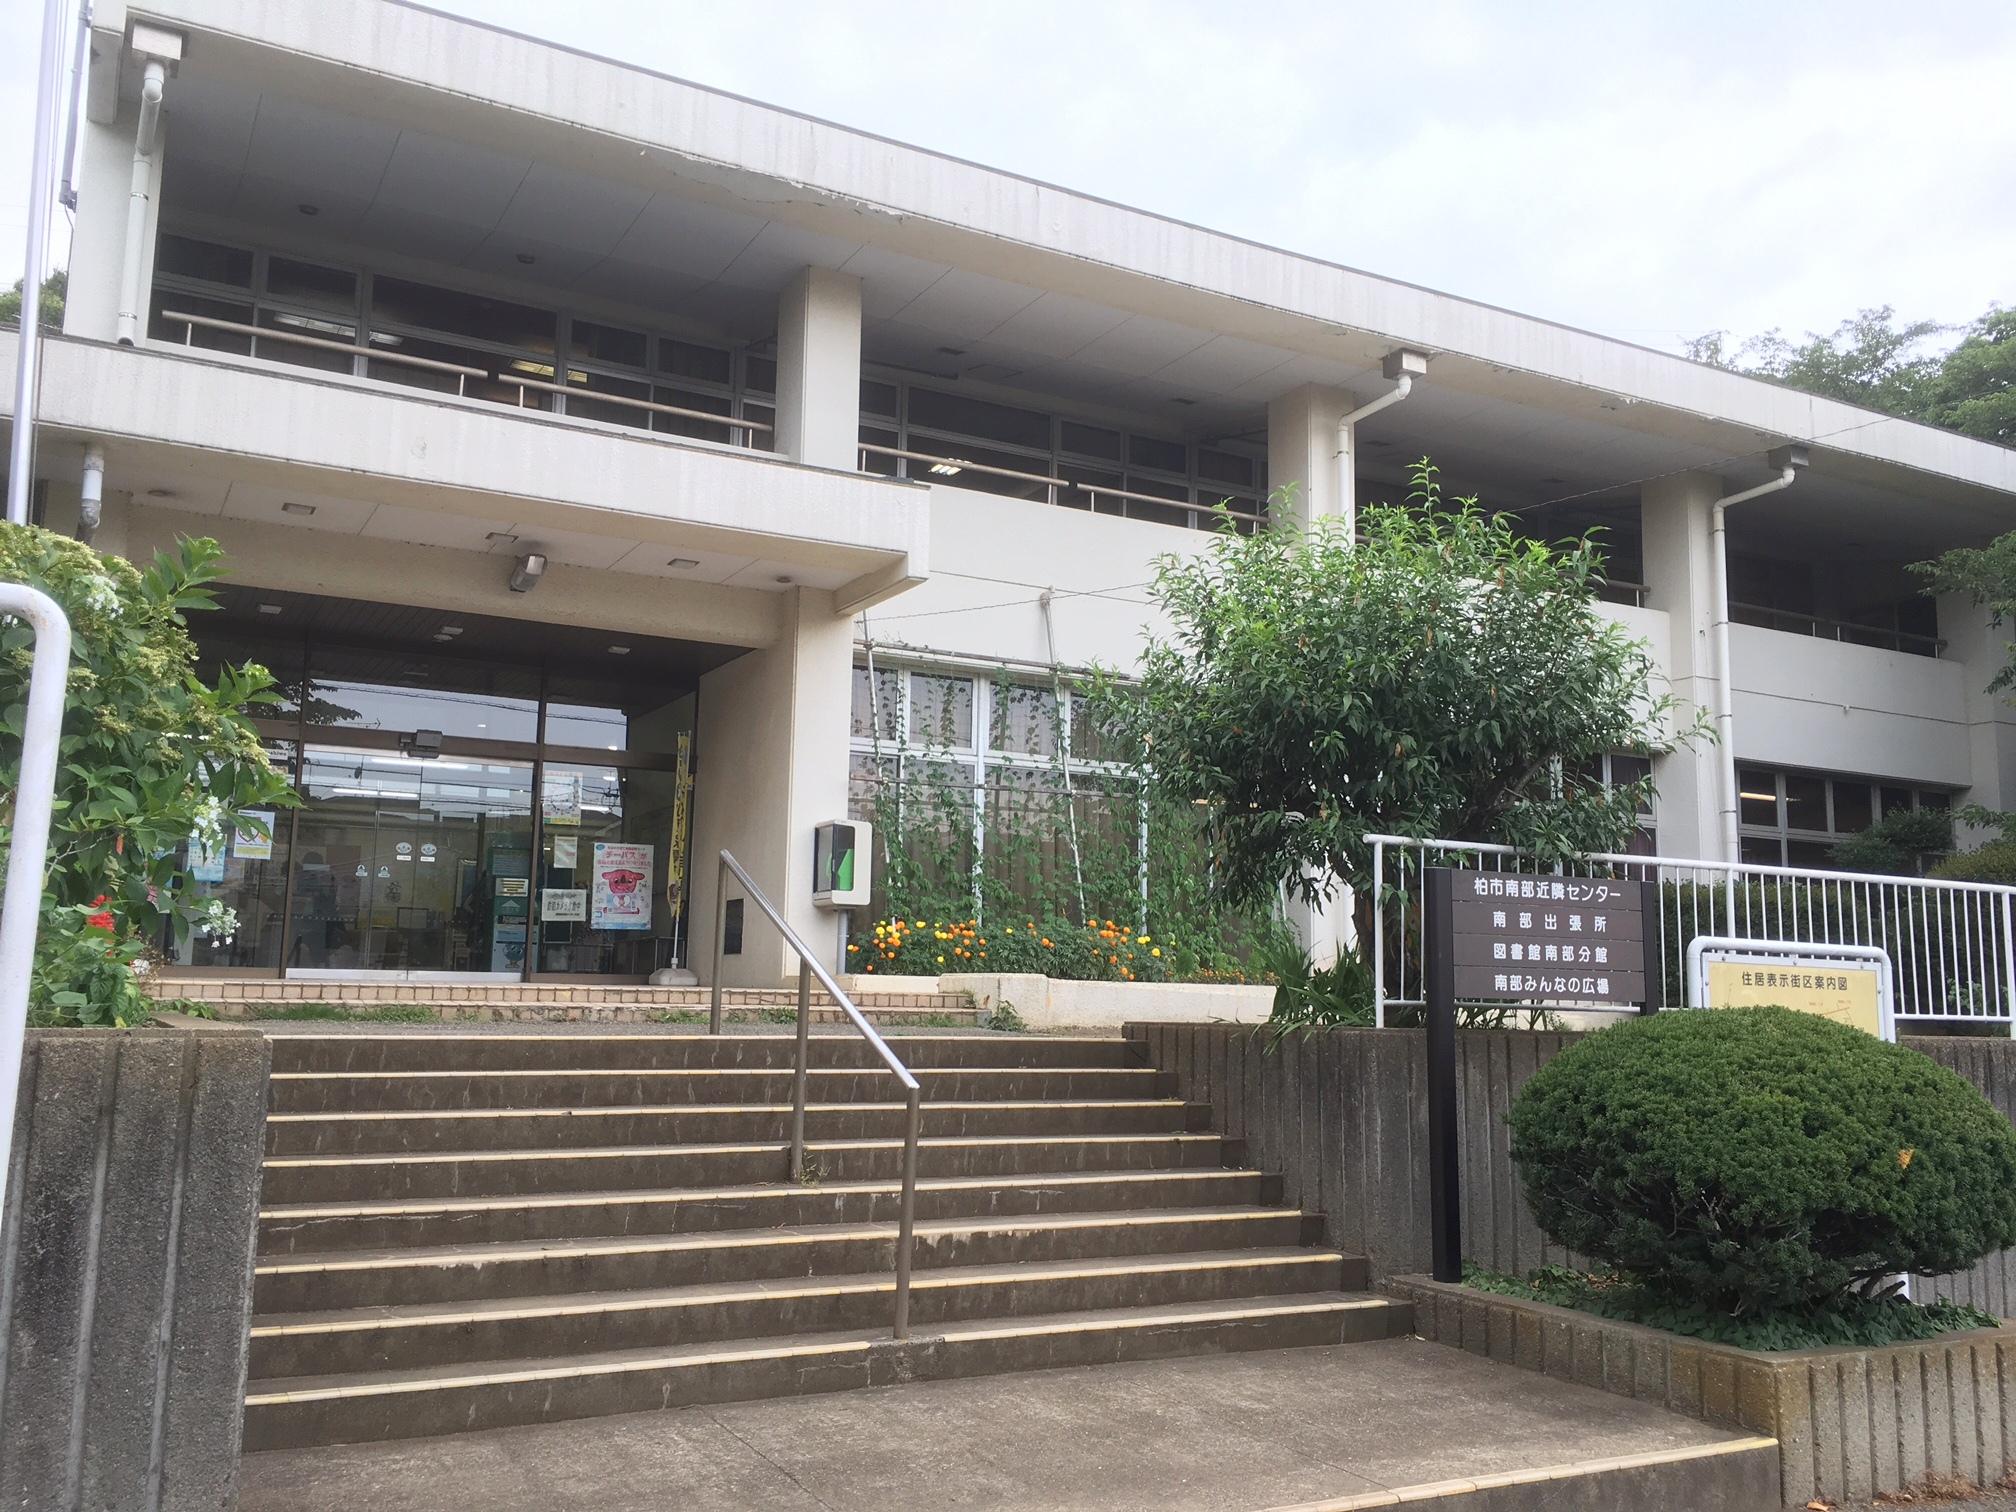 図書館:柏市立図書館南部分館 621m